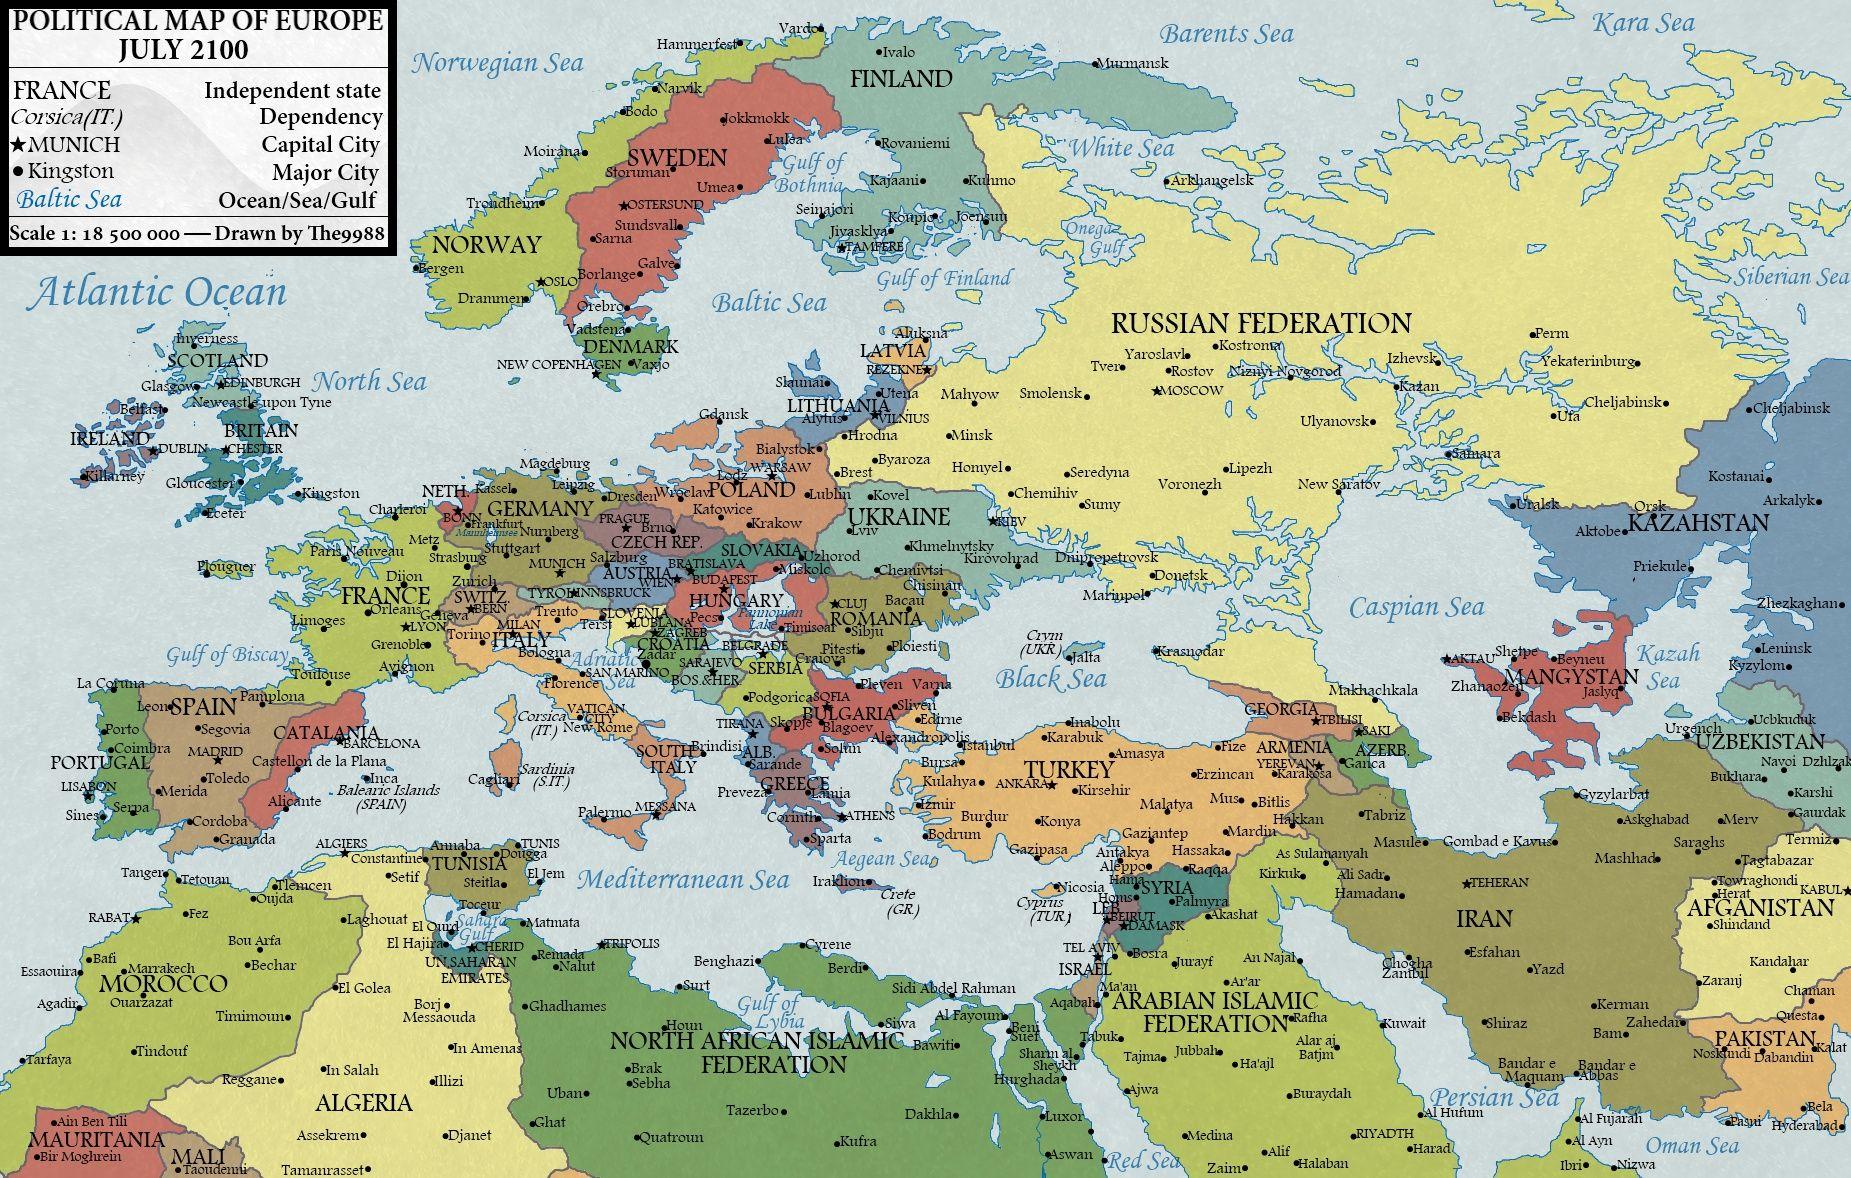 Karta Evropy 2100 Goda Glazami Slovackogo Hudozhnika Martina